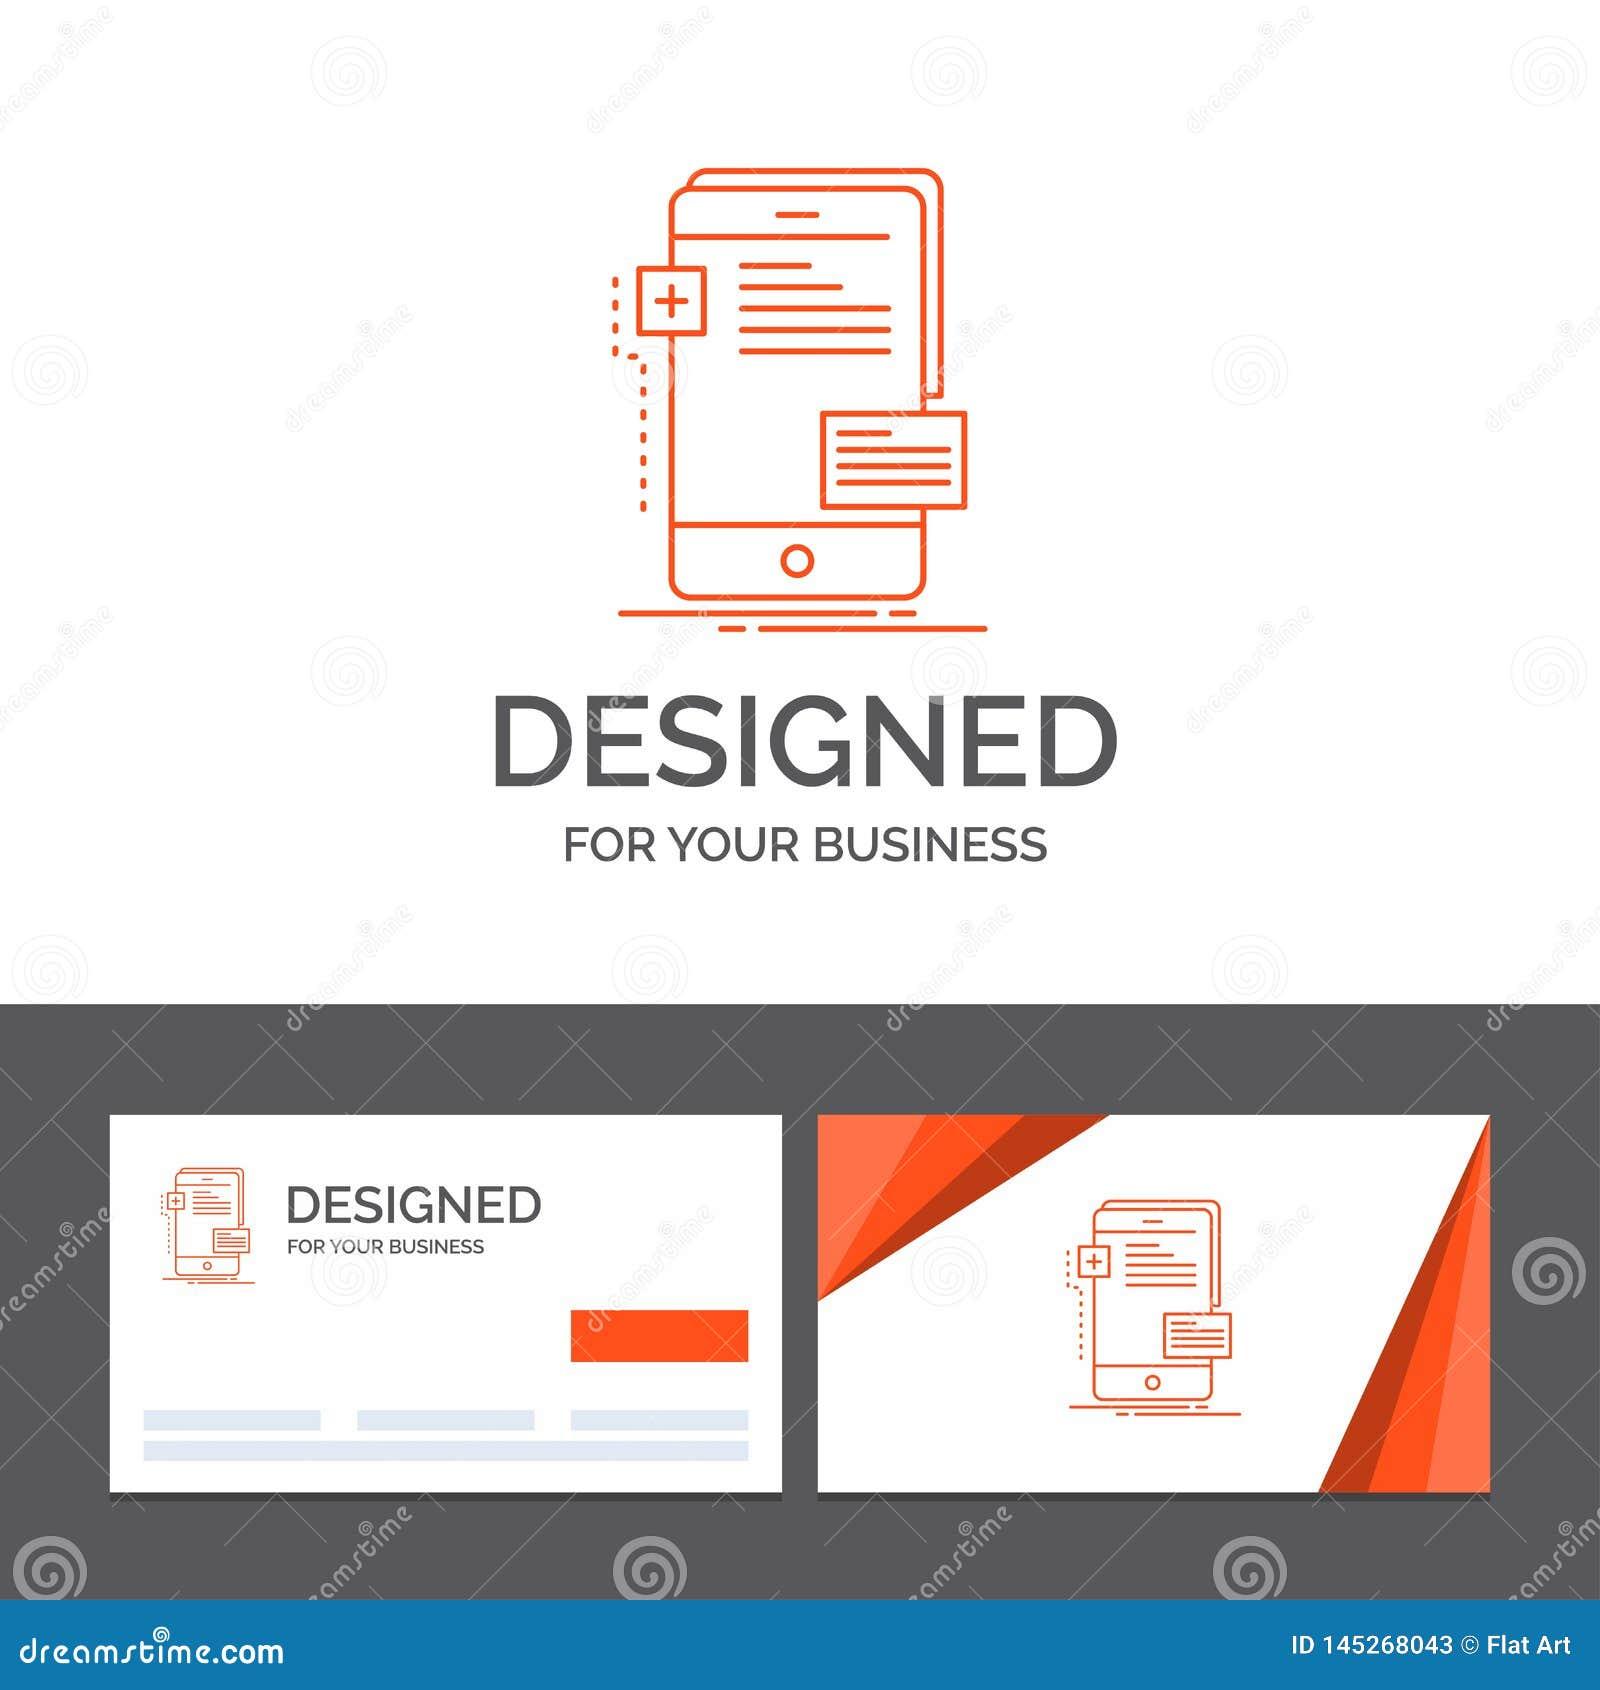 Gesch?ftslogoschablone f?r Vorderseiten, Schnittstelle, Mobile, Telefon, Entwickler Orange Visitenkarten mit Markenlogoschablone